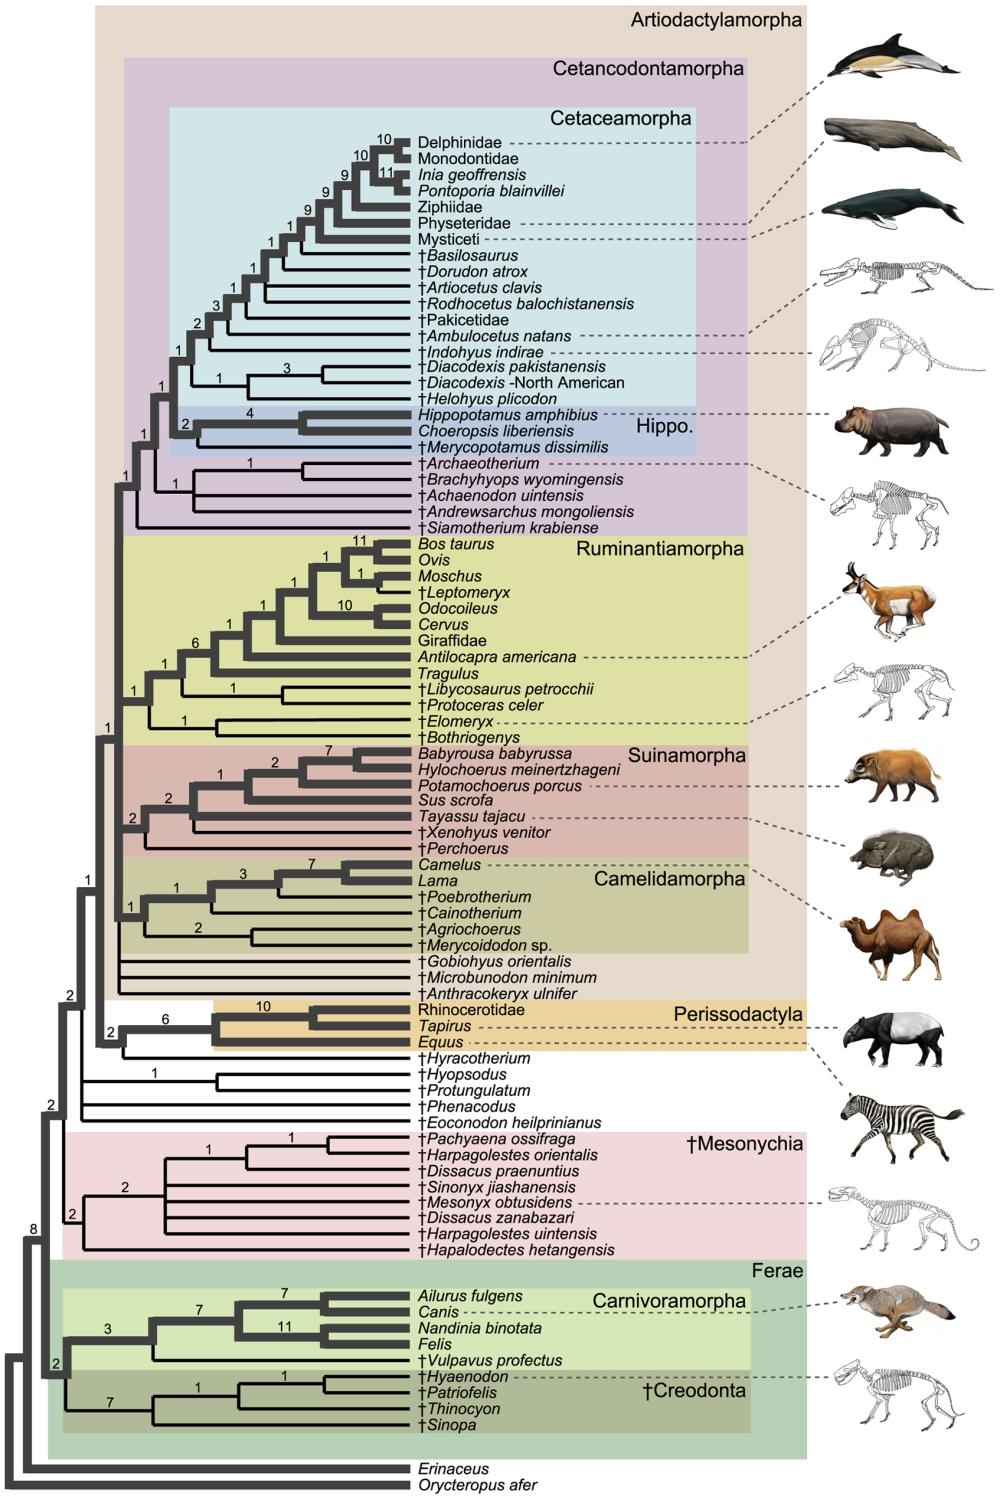 Genetik evrim şeması  Artiodactylamorpha içerisinde, Cetacea'ların yerlerini göstermektedir